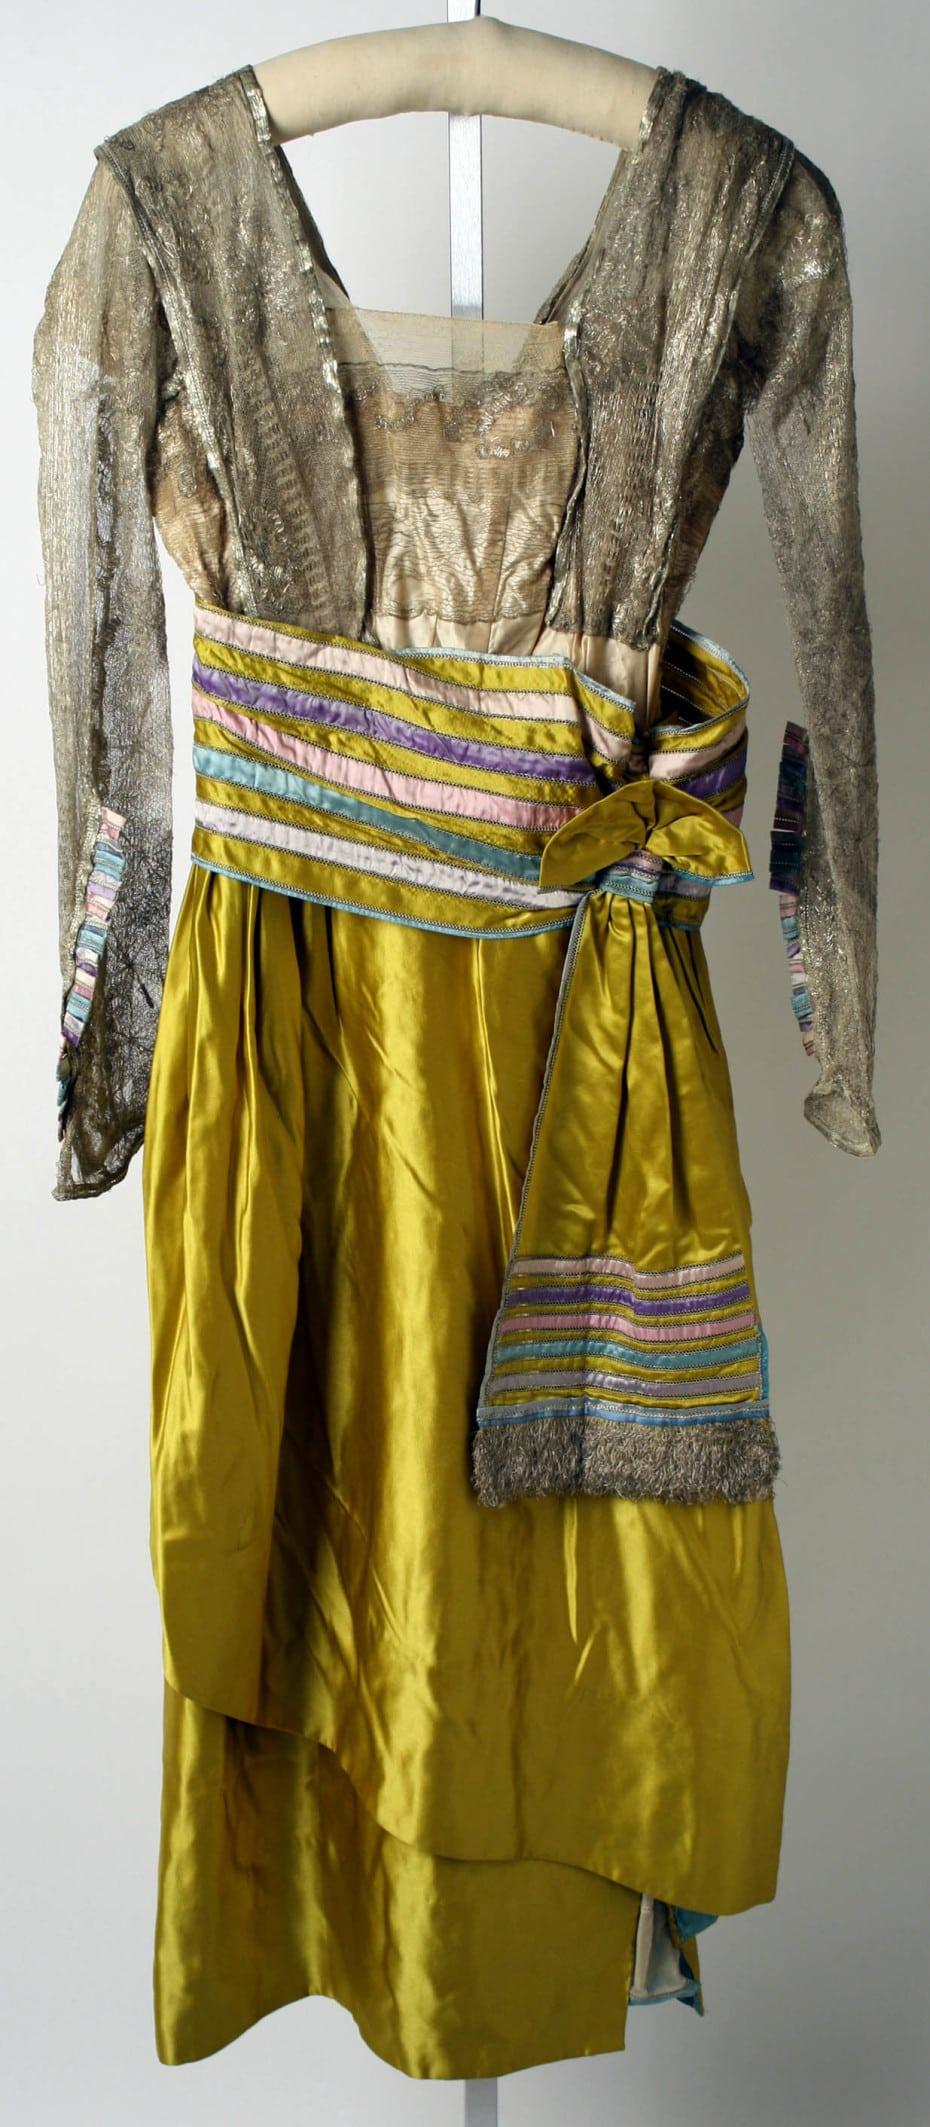 platja kotorye vybirali modnicy proshlogo veka dlja prazdnovanija novogo goda